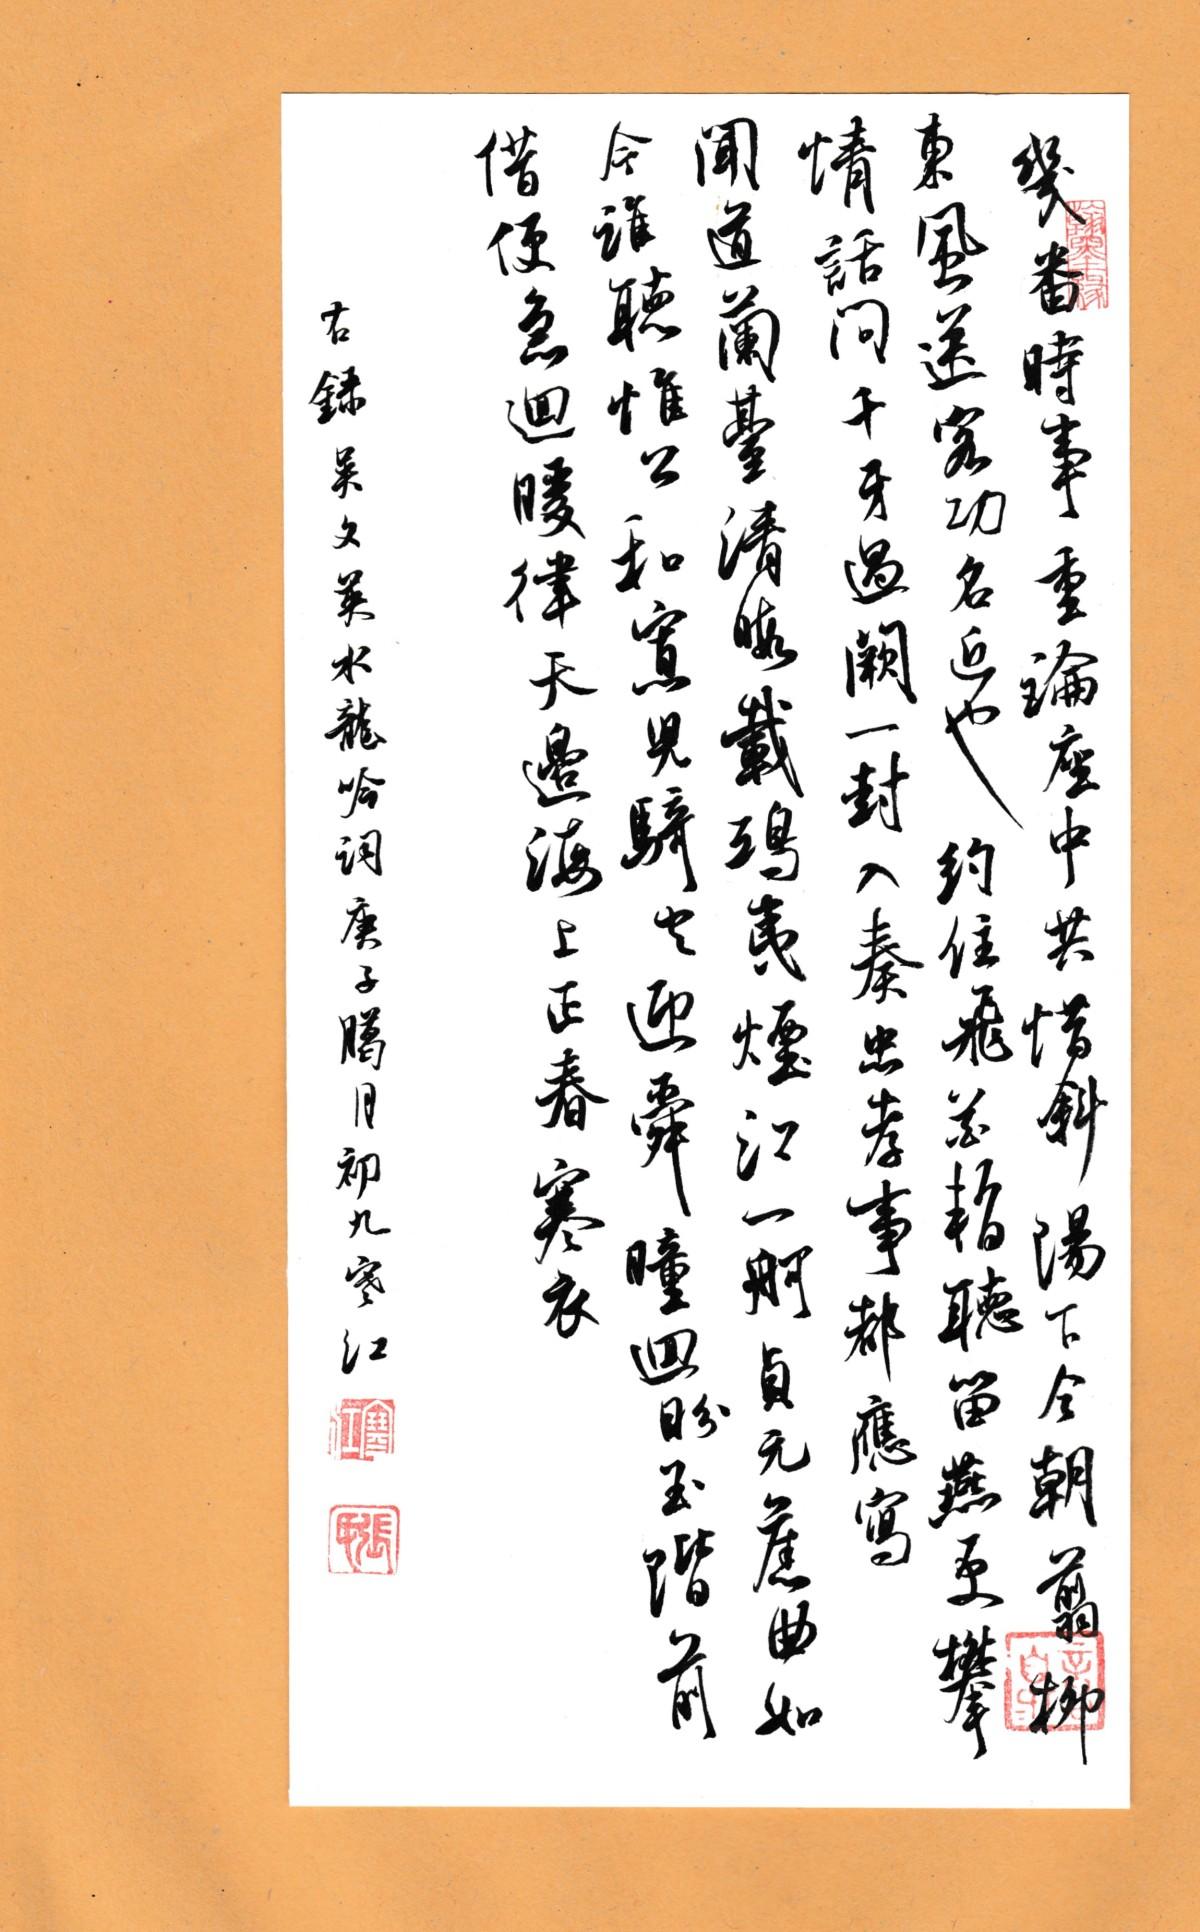 钢笔爱好者练字打卡20210126-08